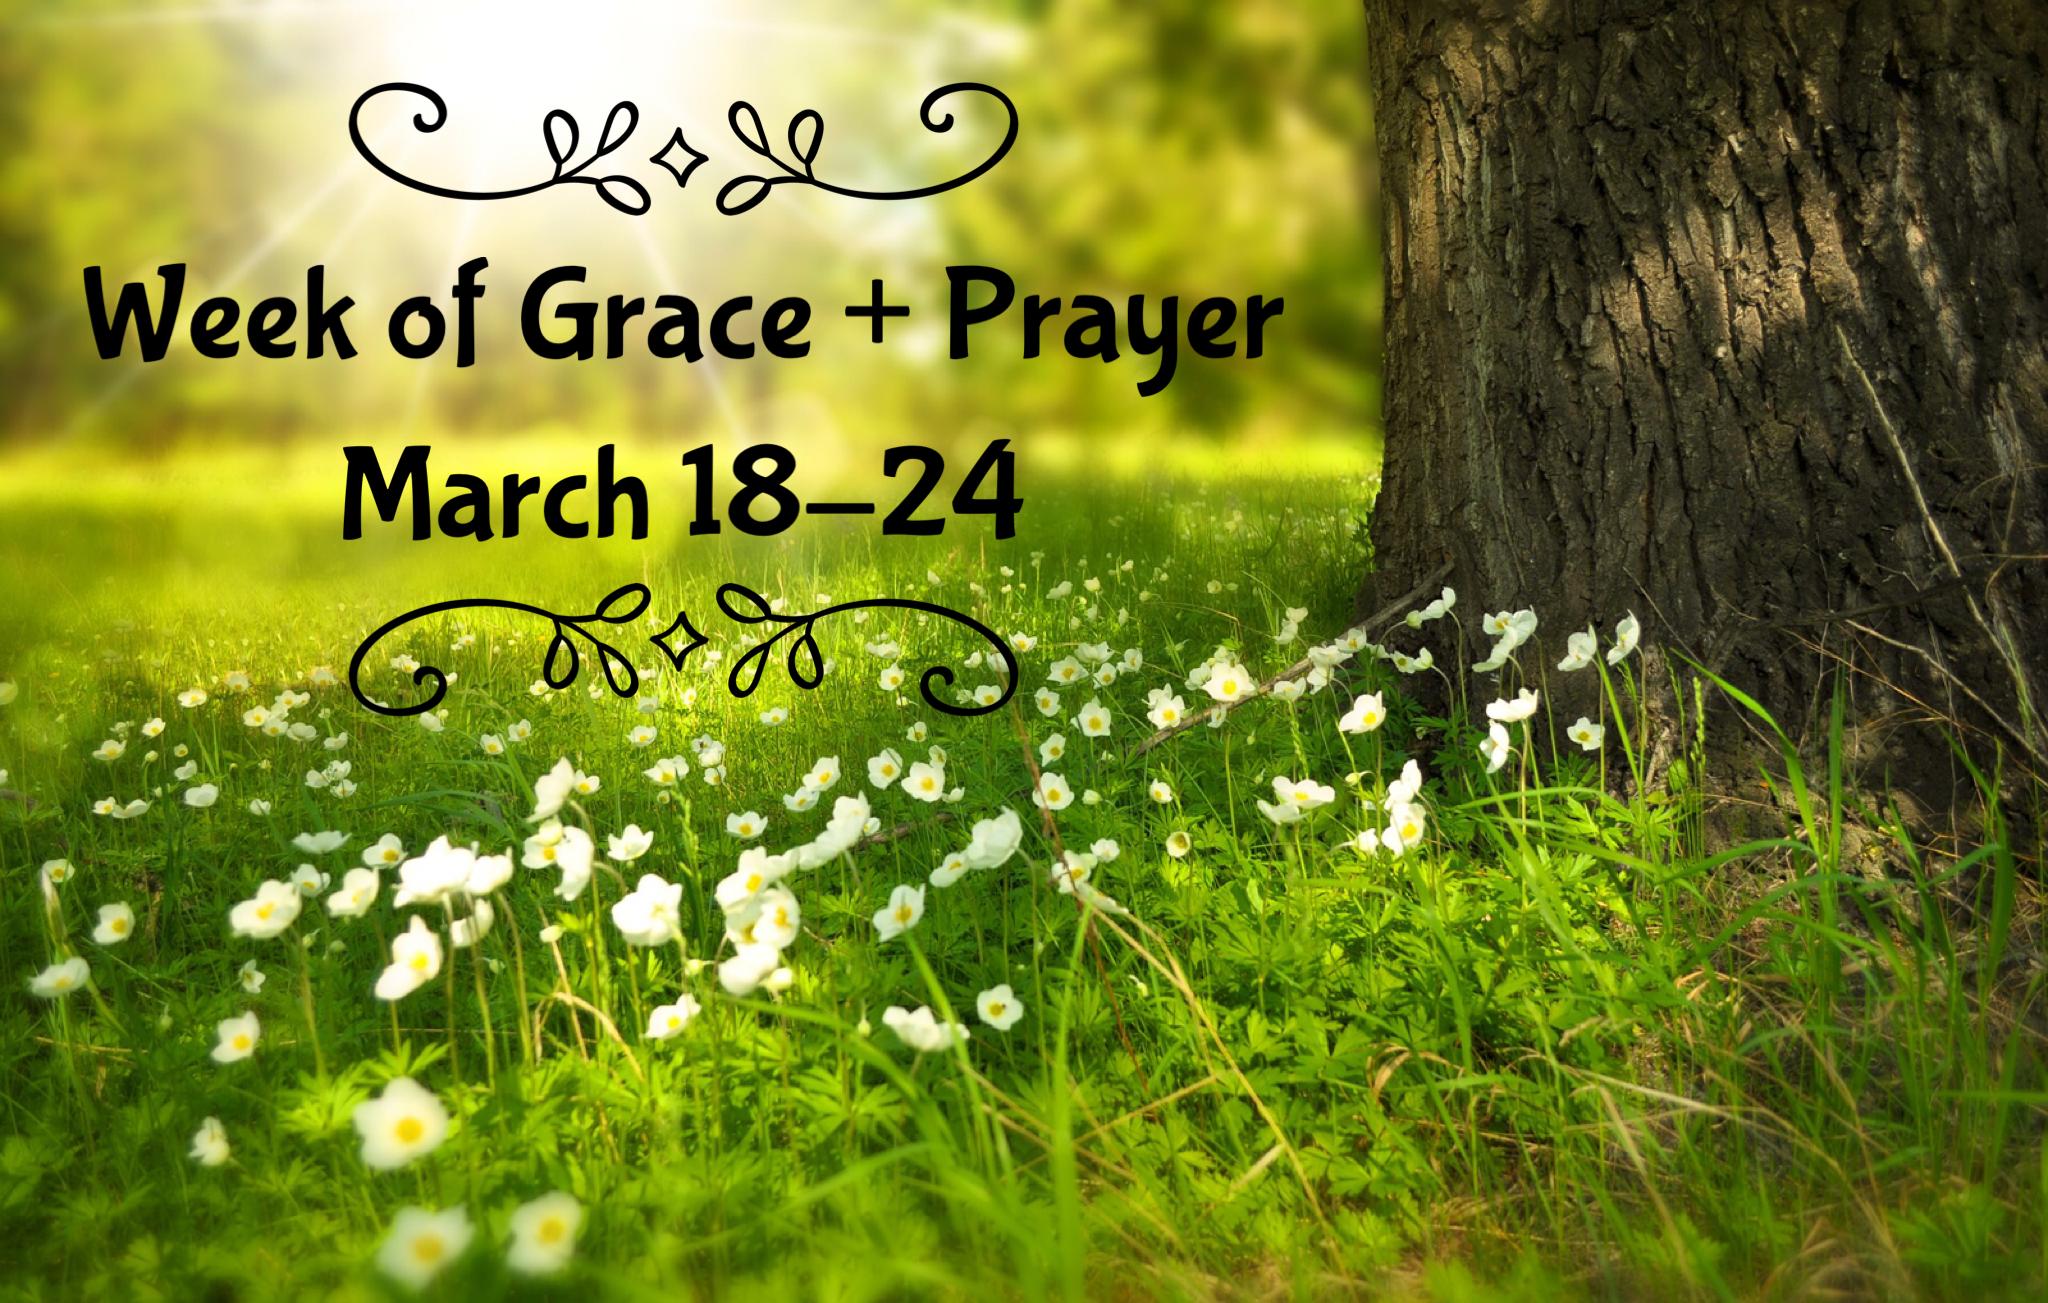 A Week of Grace + Prayer